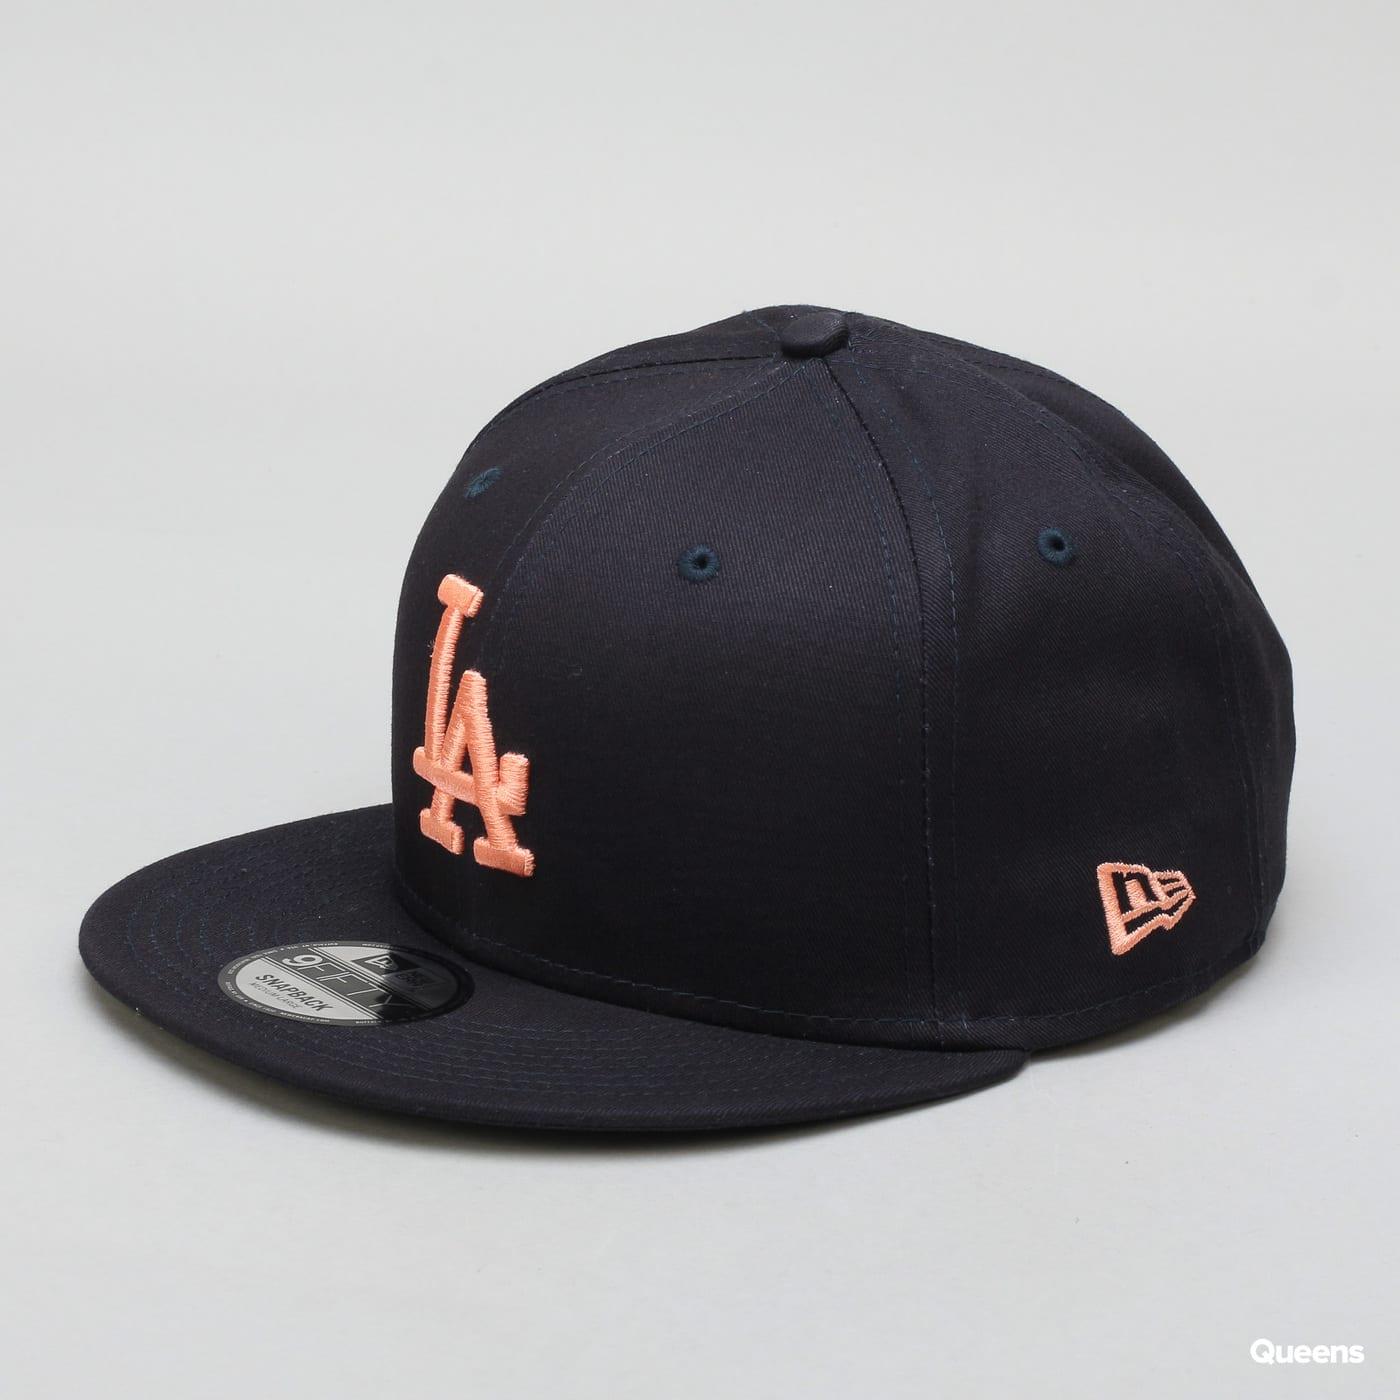 New Era 950 MLB League Essential LA navy